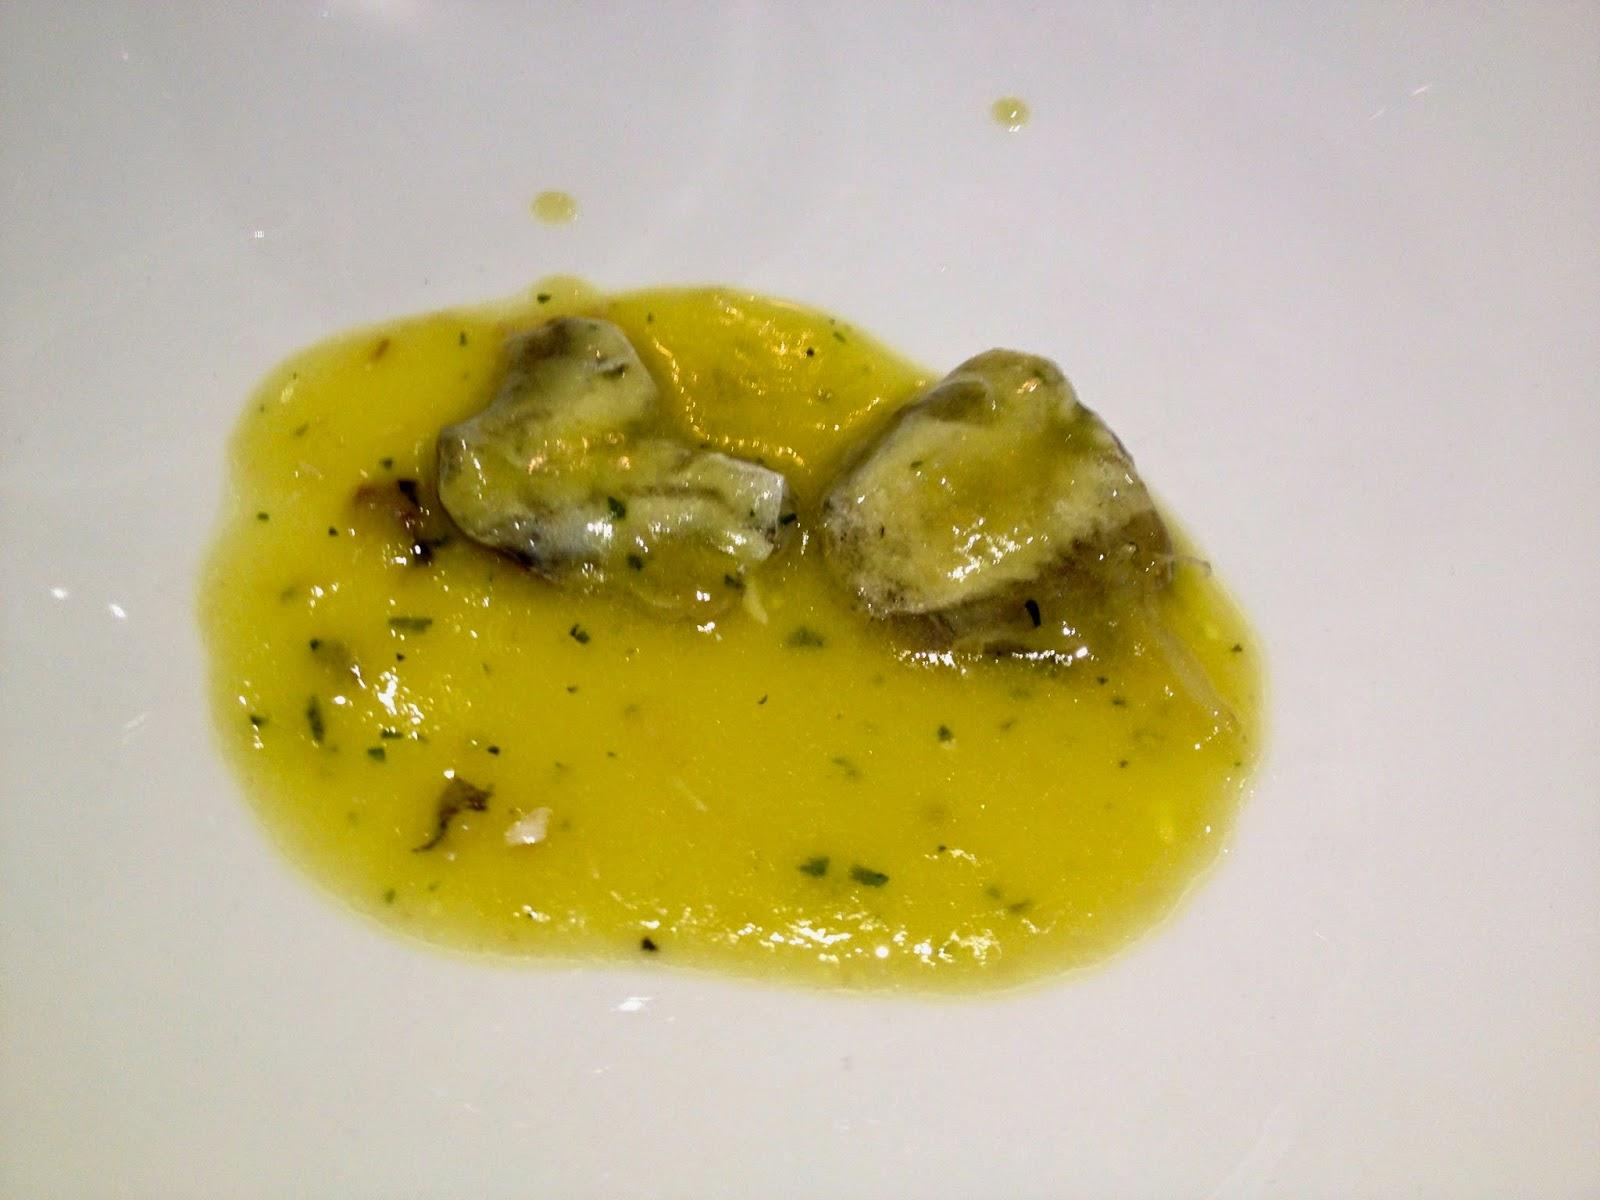 Restaurante Elkano, estrella michelin, restaurante, getaria, guetaria, pescado, marisco, parrilla